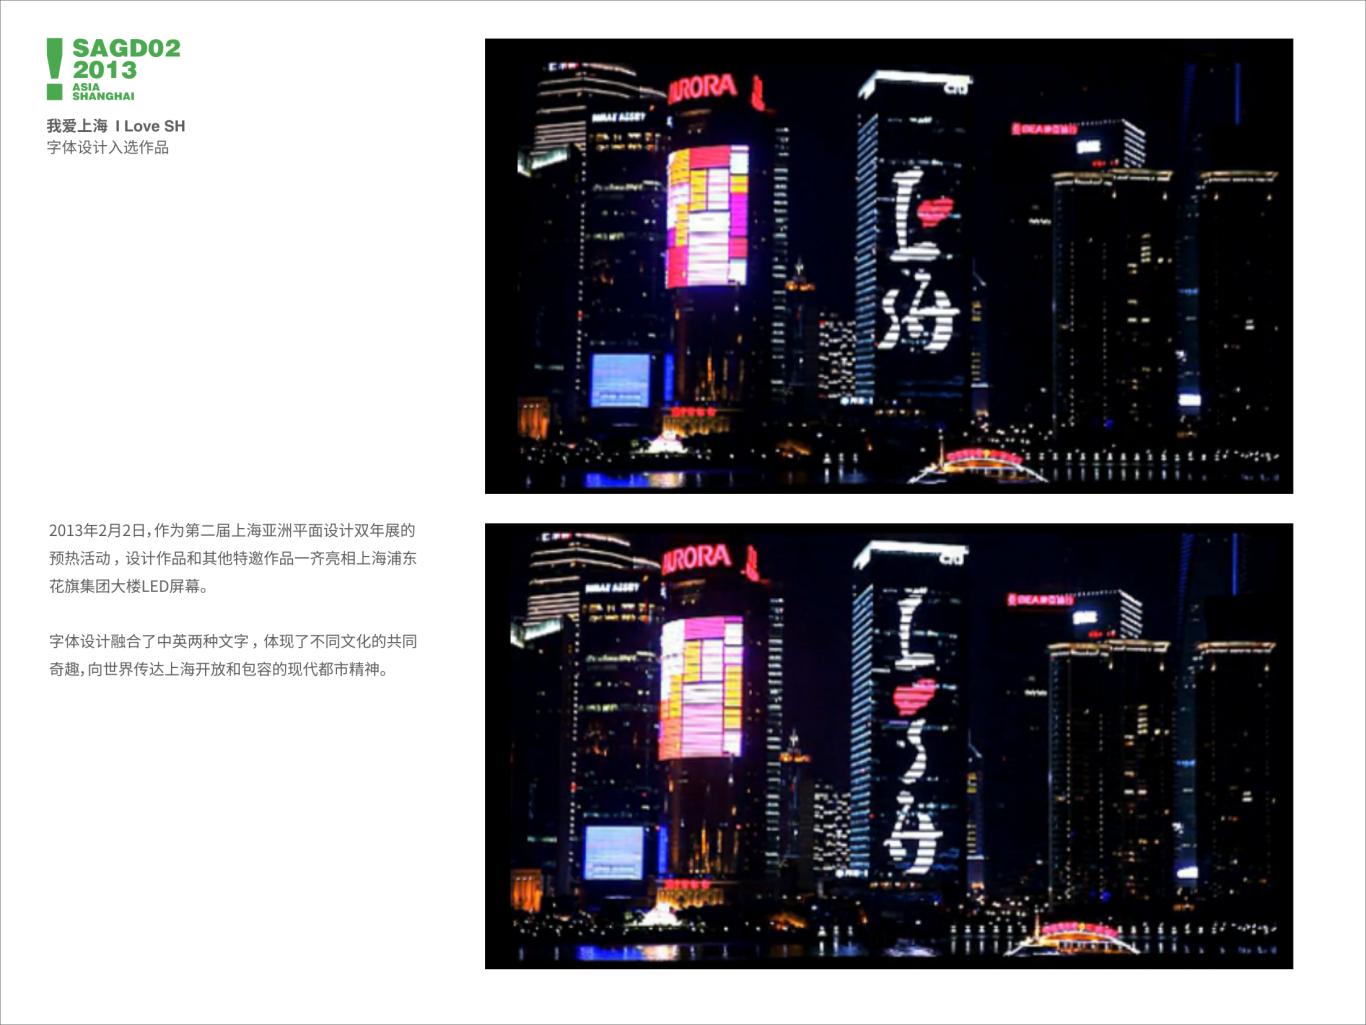 第二届上海亚洲平面设计双年展——我爱上海 I Love SH字体设计入选作品图3